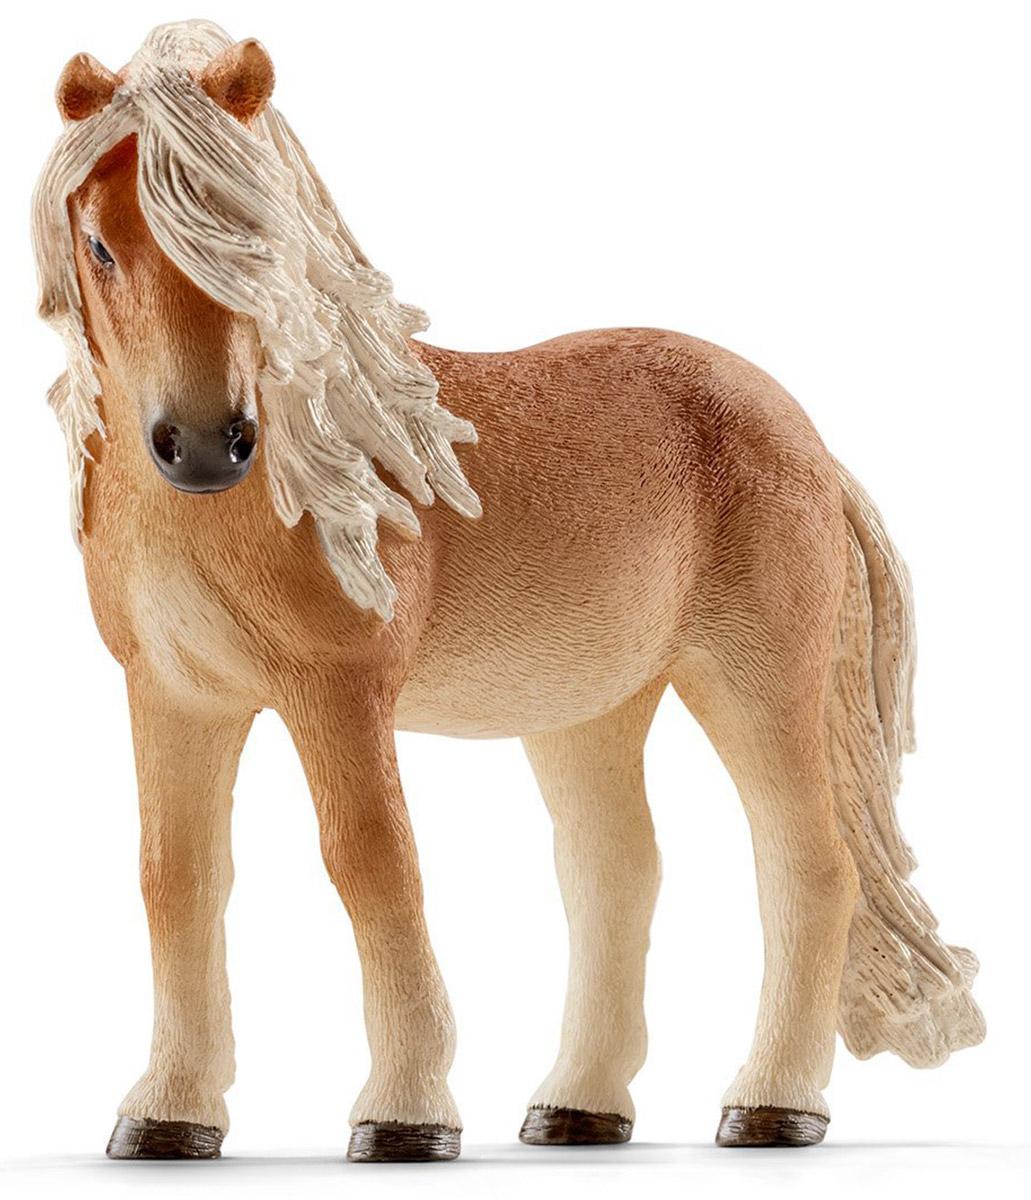 Schleich Фигурка Исландская кобыла13790Фигурка Schleich Исландская кобыла, раскрашенная вручную, выполнена из безопасного материала - пластика. Восхитительная фигурка лошадки с красивой гривой, которая приведет в восторг, как детей, так и взрослых. Лошадка выполнена в бежевом цвете. У нее - пушистый хвостик и красивая развивающаяся грива. Лошади этой породы очень любят дети во всем мире. Благодаря их небольшим размерам они очень похожи на пони и используются для обучения верховой езде. Несмотря на свой маленький рост, лошадка выглядит величественно.